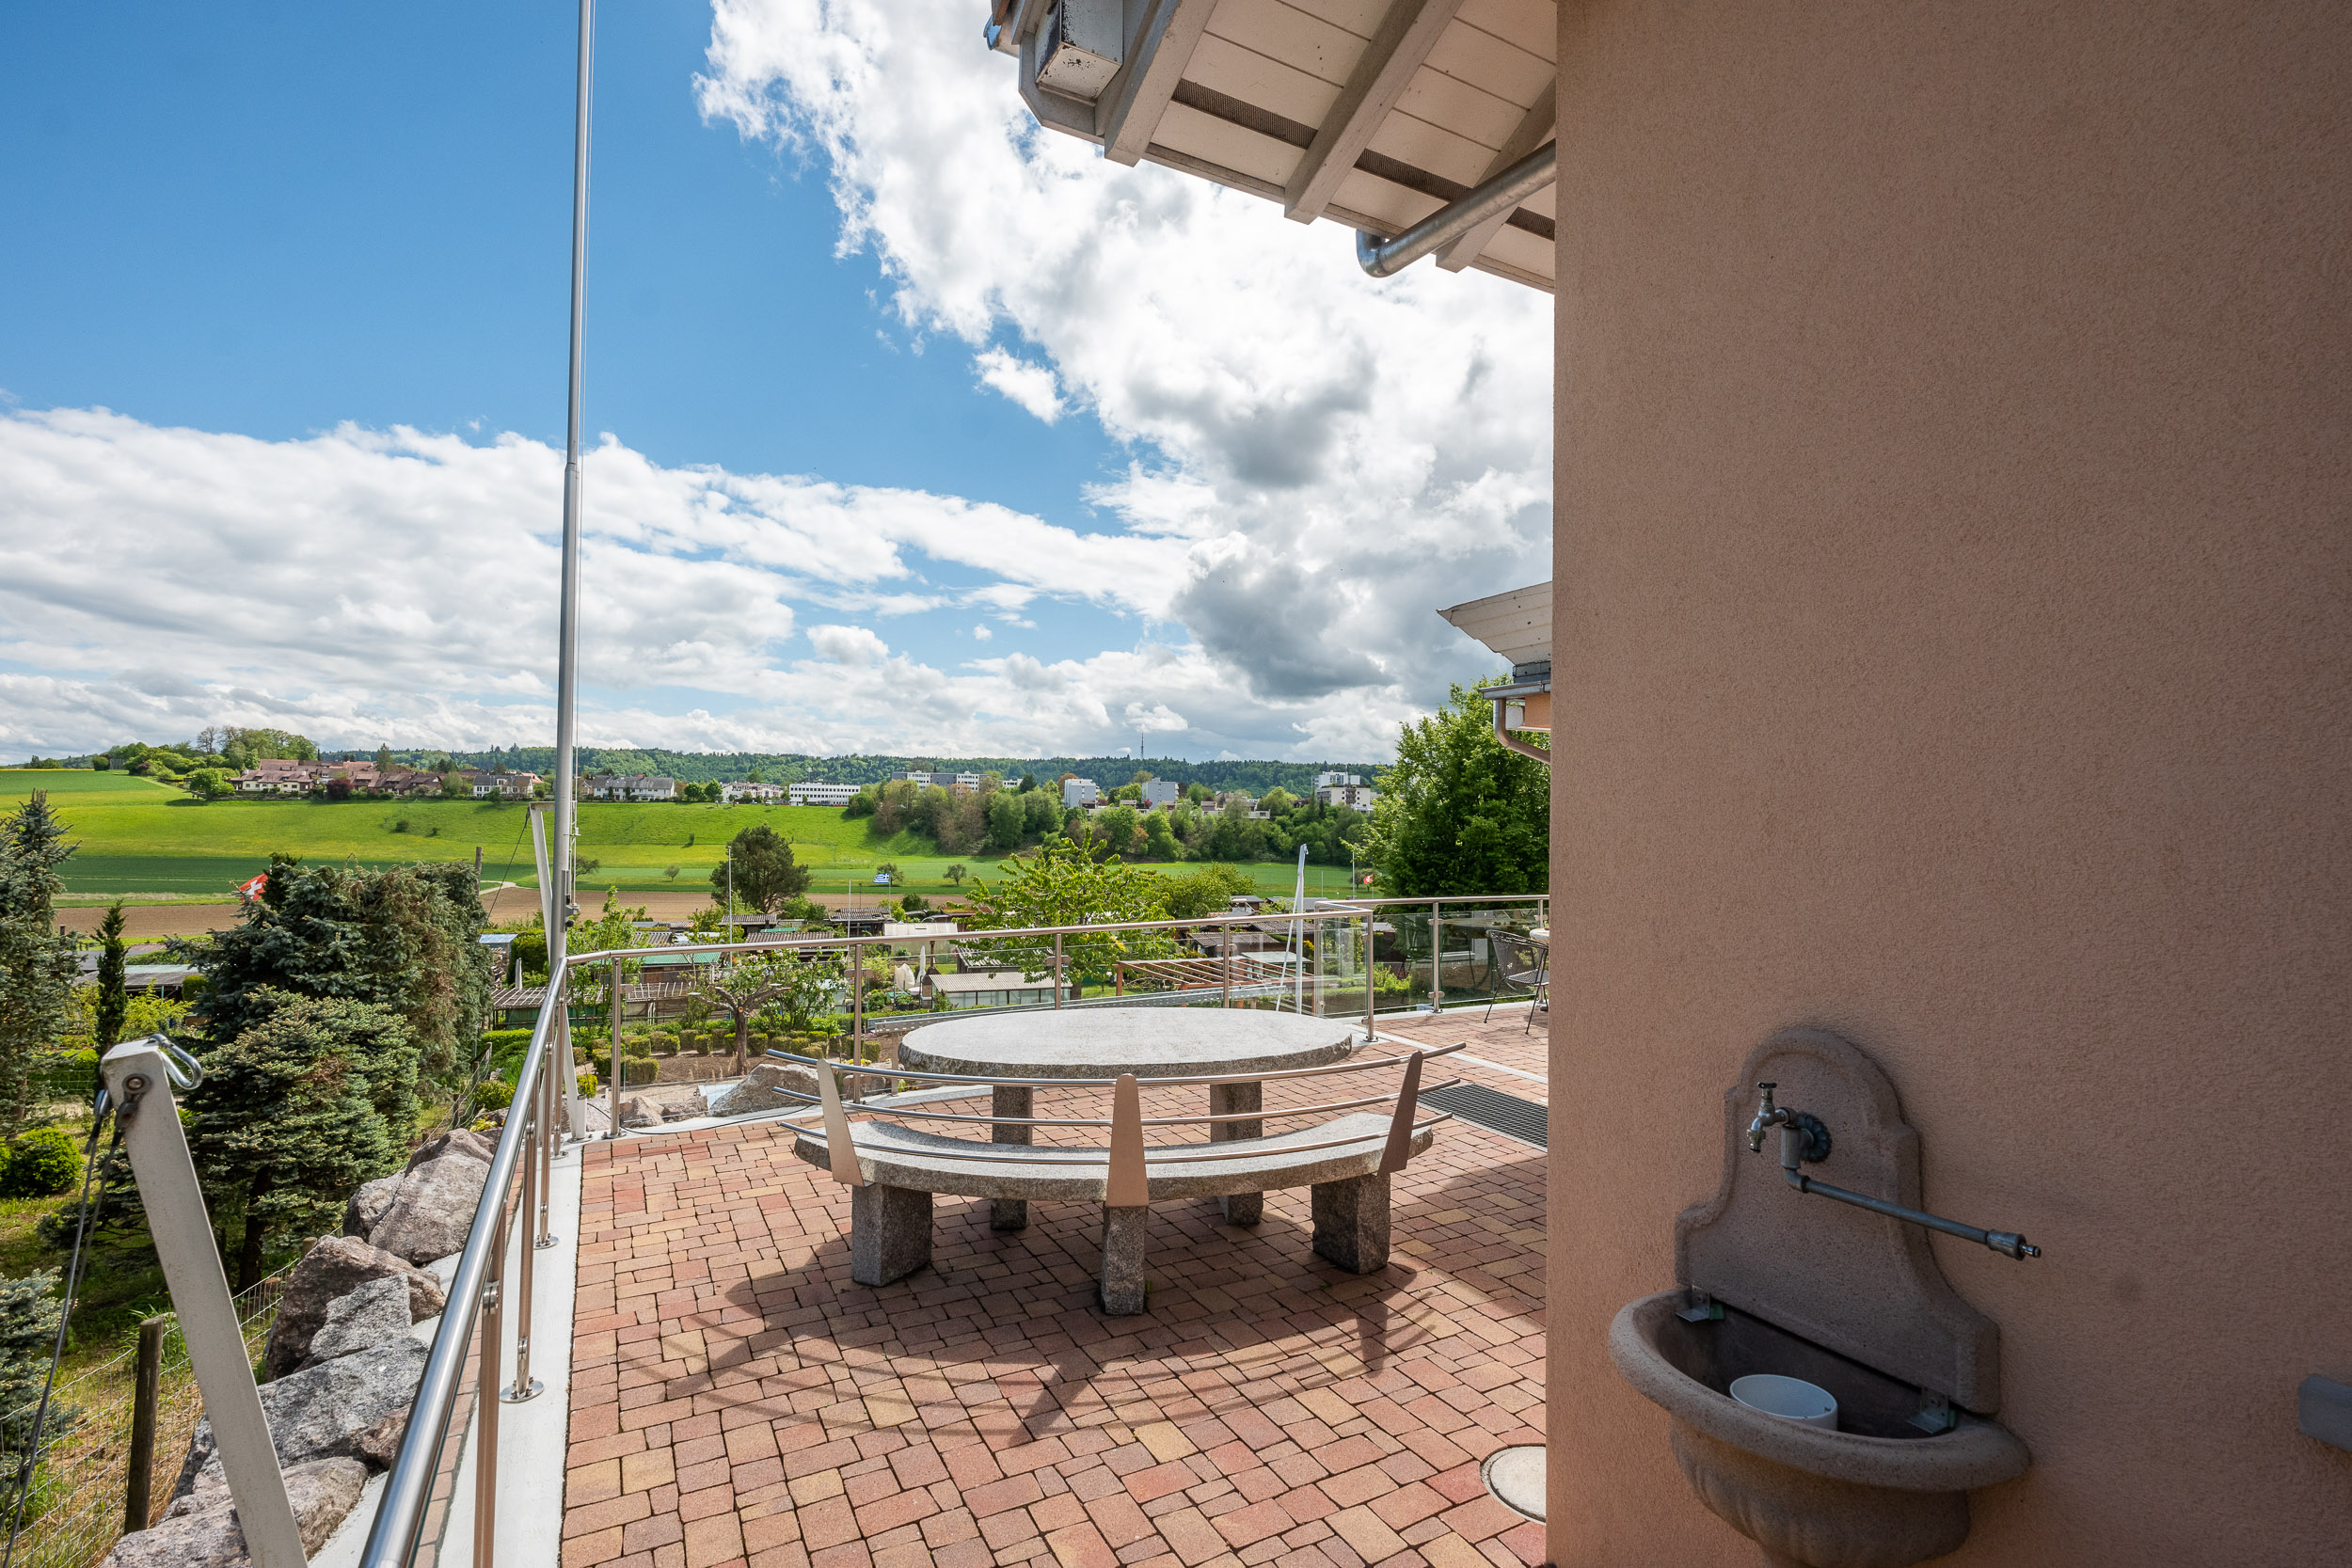 Teil der Terrasse im mittleren Geschoss mit Granitbank und -tisch